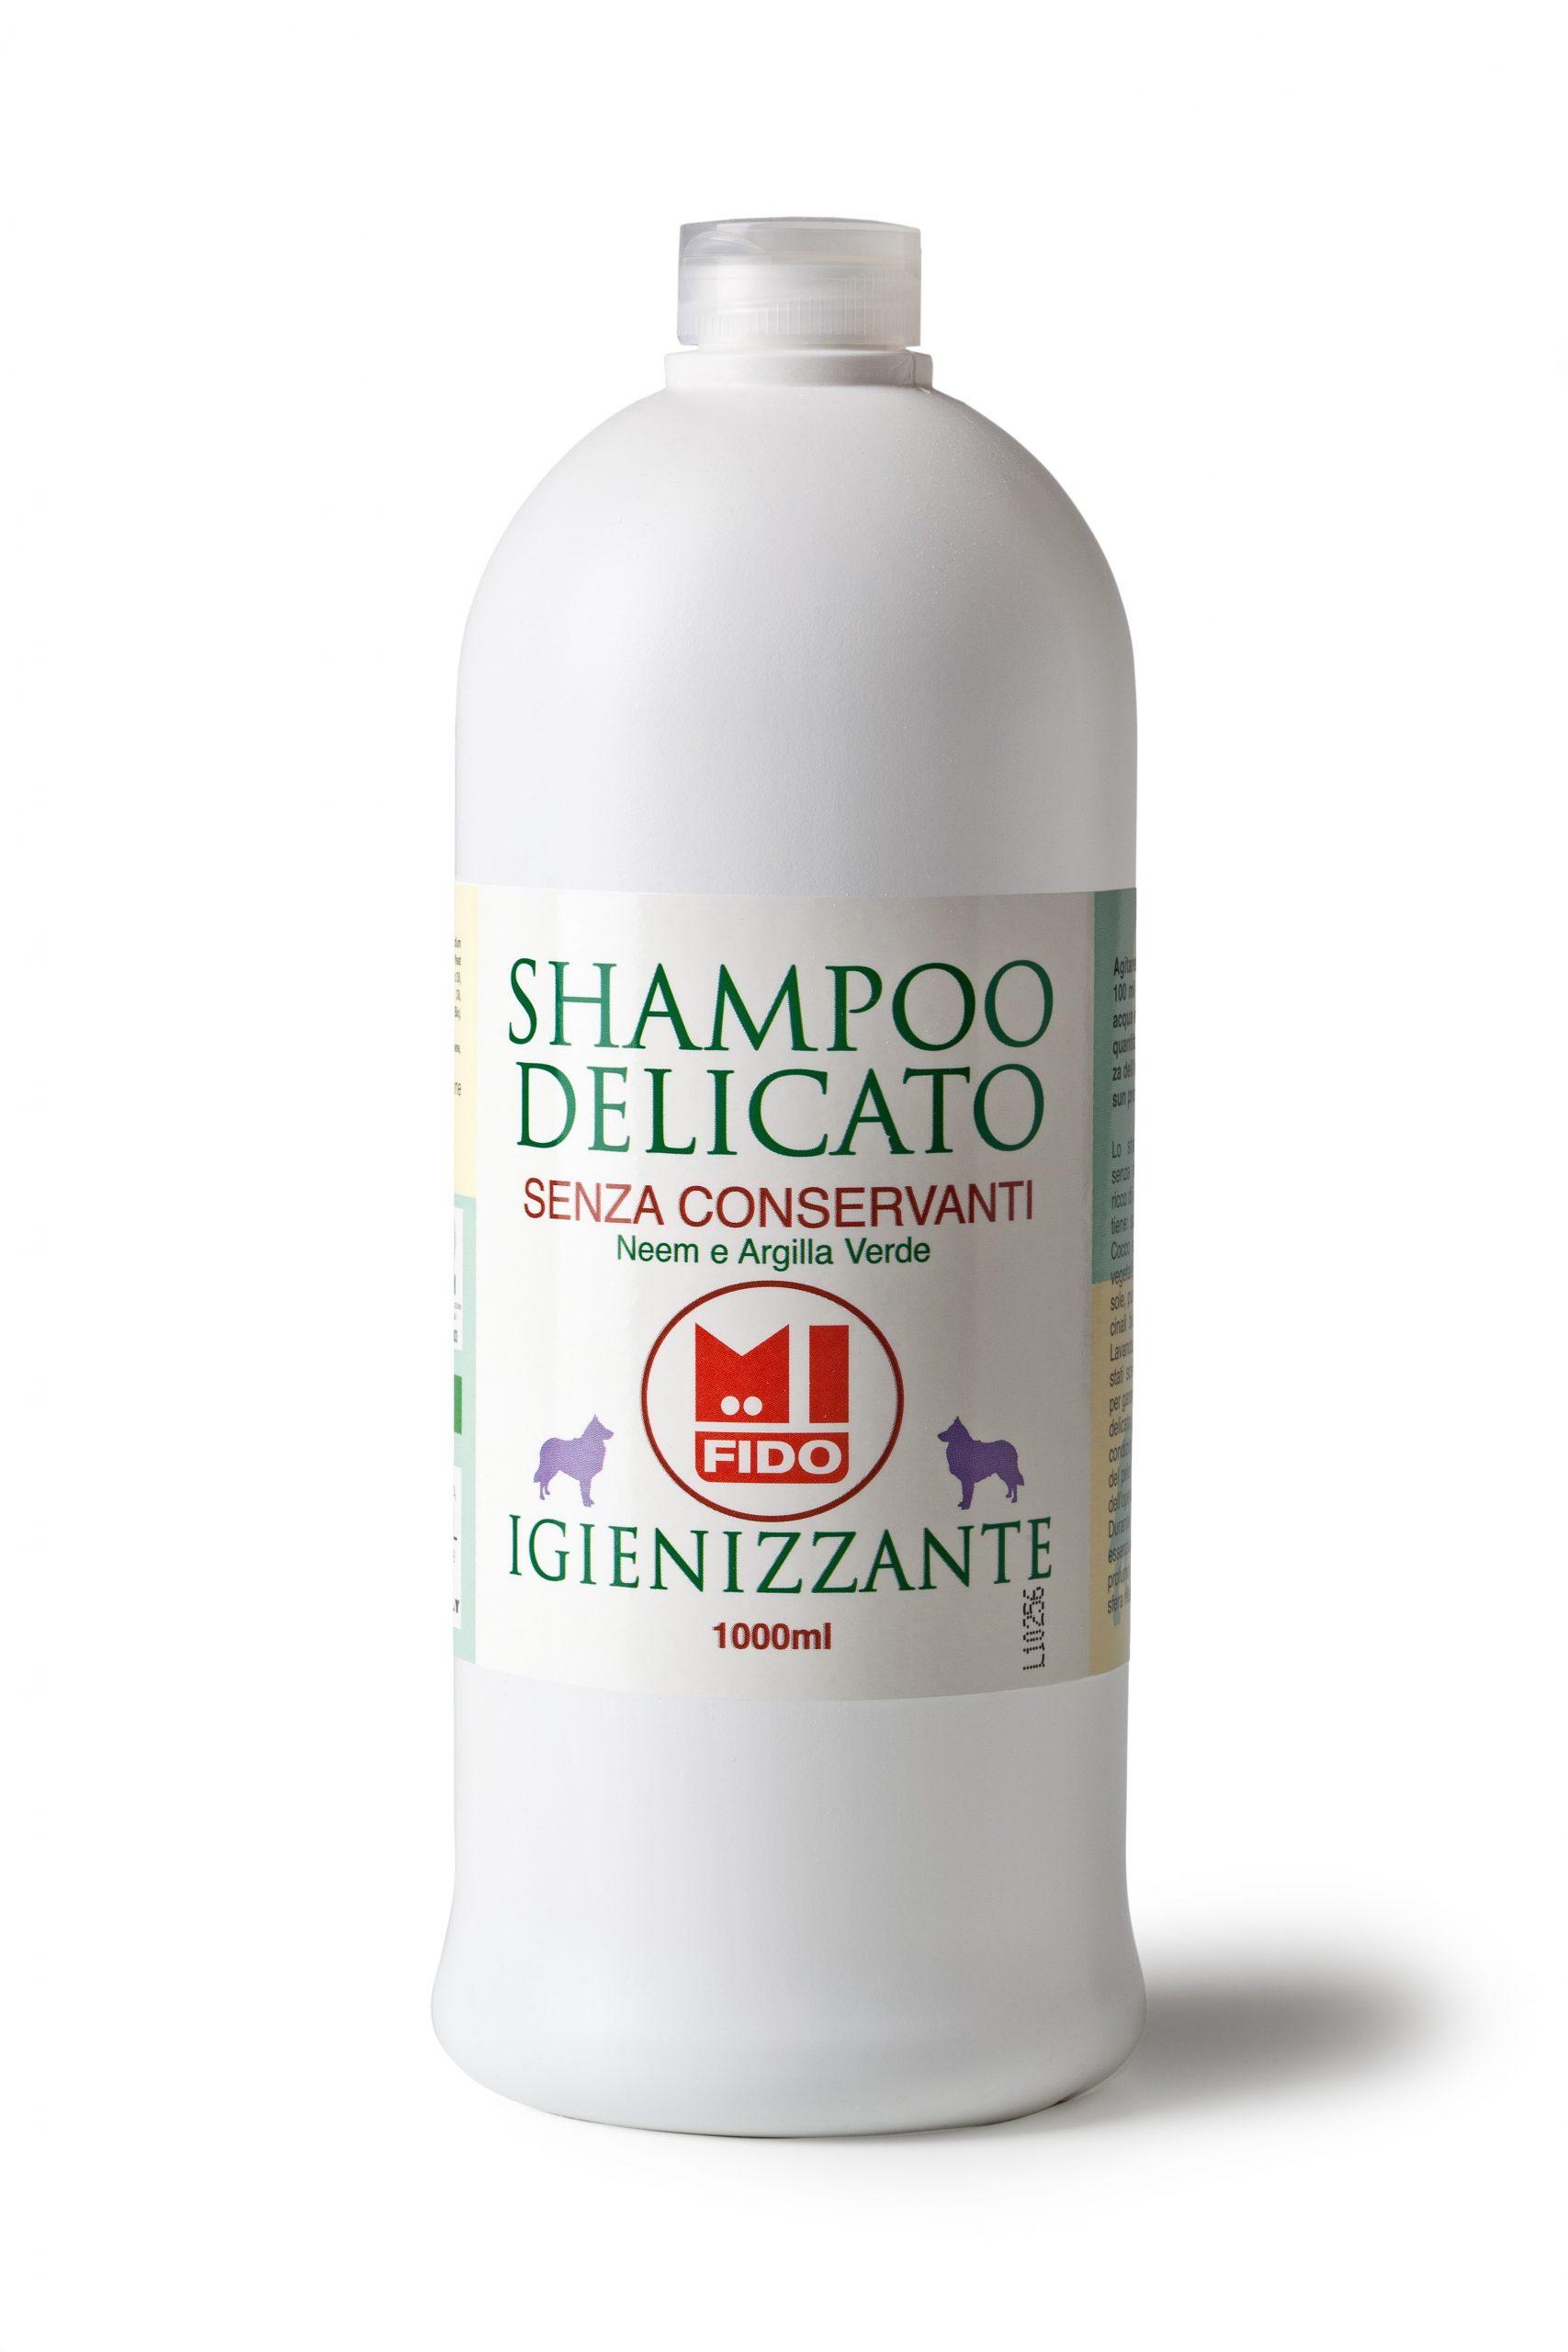 igienizzante shampoo